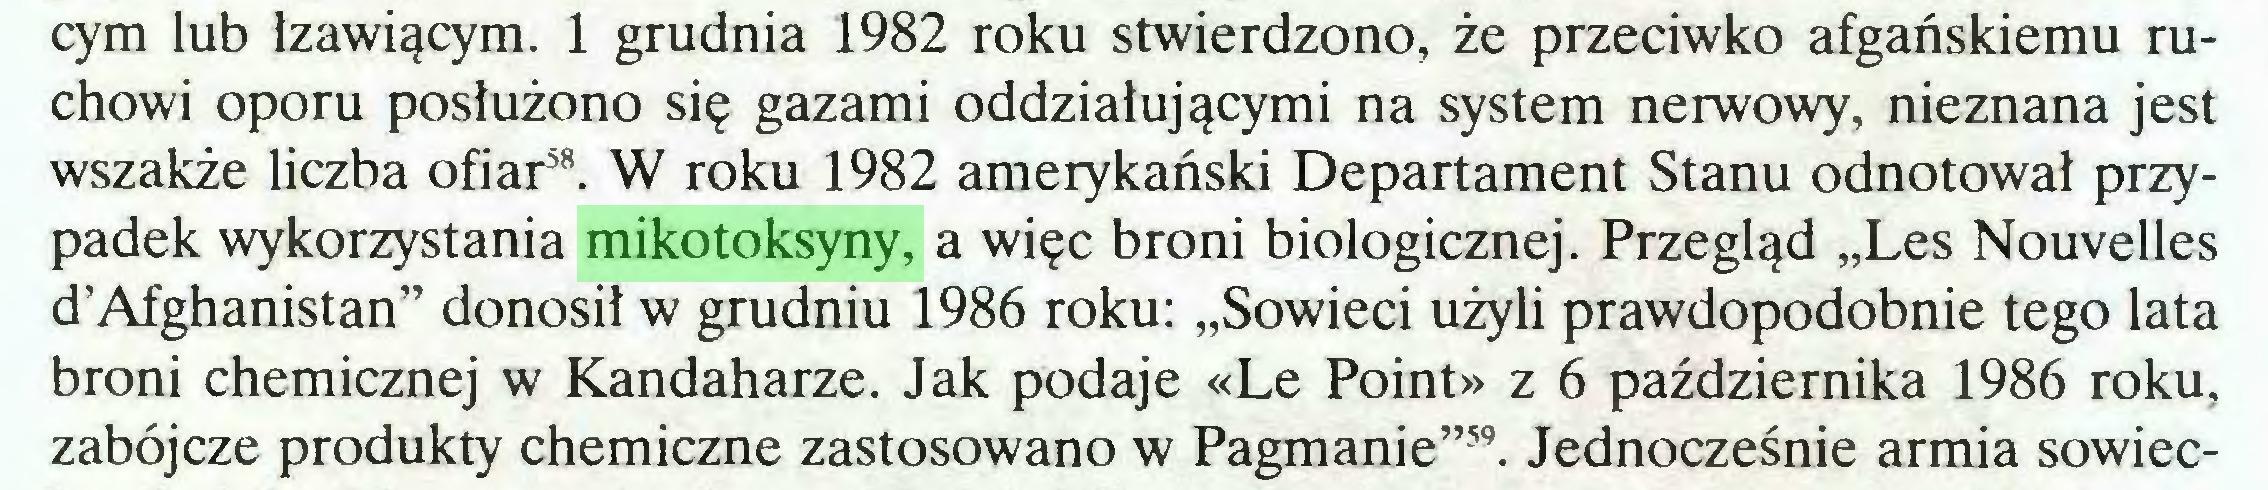 """(...) cym lub łzawiącym. 1 grudnia 1982 roku stwierdzono, że przeciwko afgańskiemu ruchowi oporu posłużono się gazami oddziałującymi na system nerwowy, nieznana jest wszakże liczba ofiar58. W roku 1982 amerykański Departament Stanu odnotował przypadek wykorzystania mikotoksyny, a więc broni biologicznej. Przegląd """"Les Nouvelles d'Afghanistan"""" donosił w grudniu 1986 roku: """"Sowieci użyli prawdopodobnie tego lata broni chemicznej w Kandaharze. Jak podaje «Le Point» z 6 października 1986 roku, zabójcze produkty chemiczne zastosowano w Pagmanie""""59. Jednocześnie armia sowiec..."""